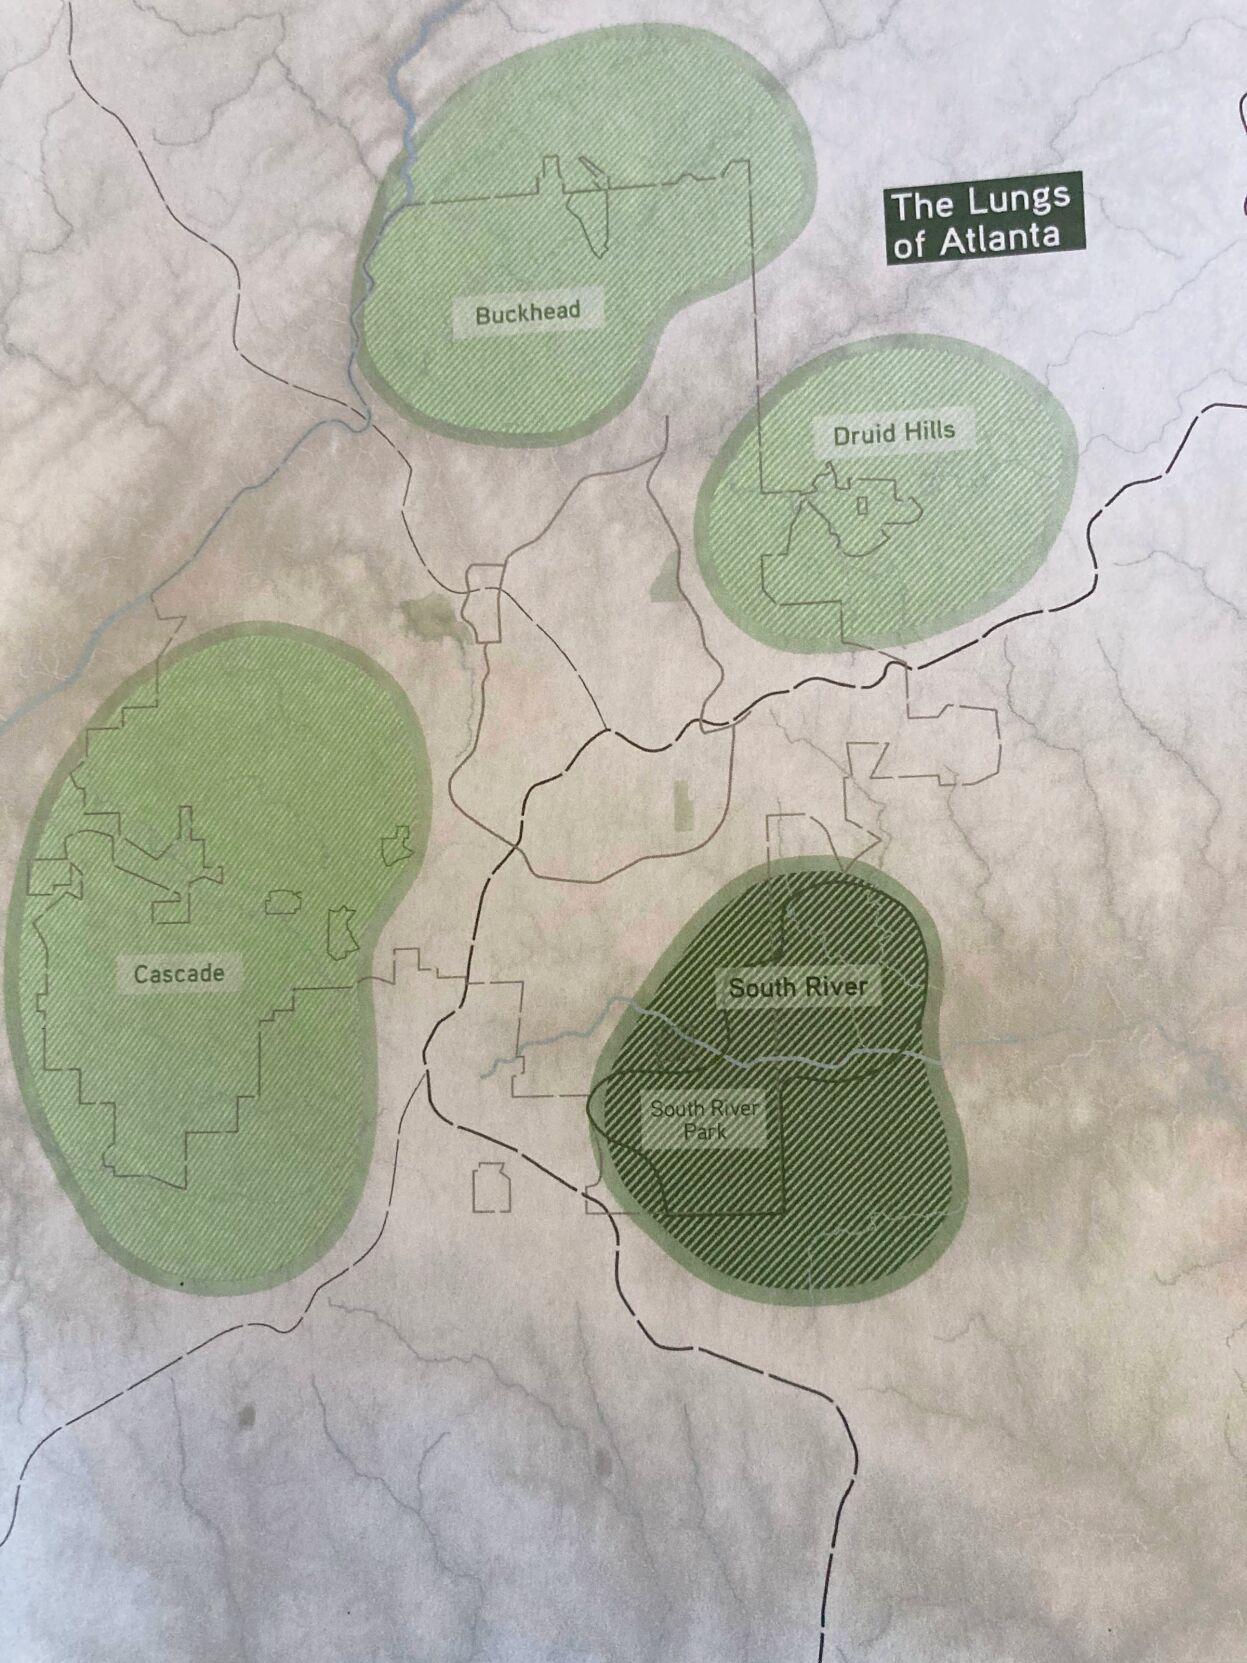 071421_MNS_ATL_zoning_001 Atlanta tree canopy map